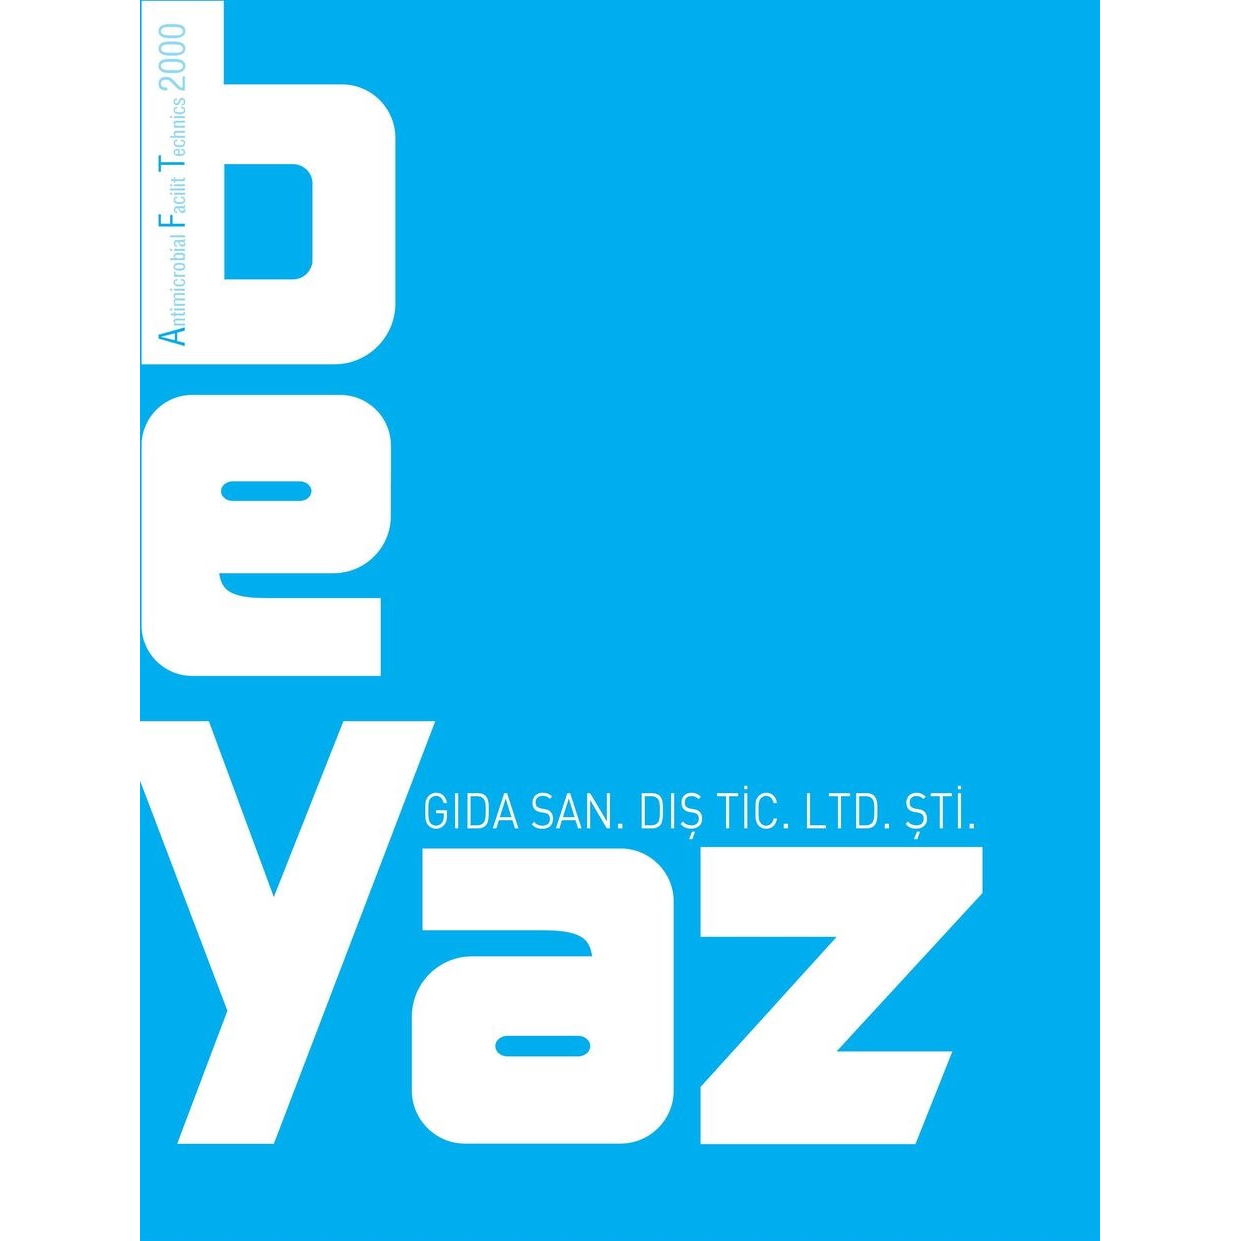 BEYAZ GIDA SAN. ve DIS TIC. LTD. STI.